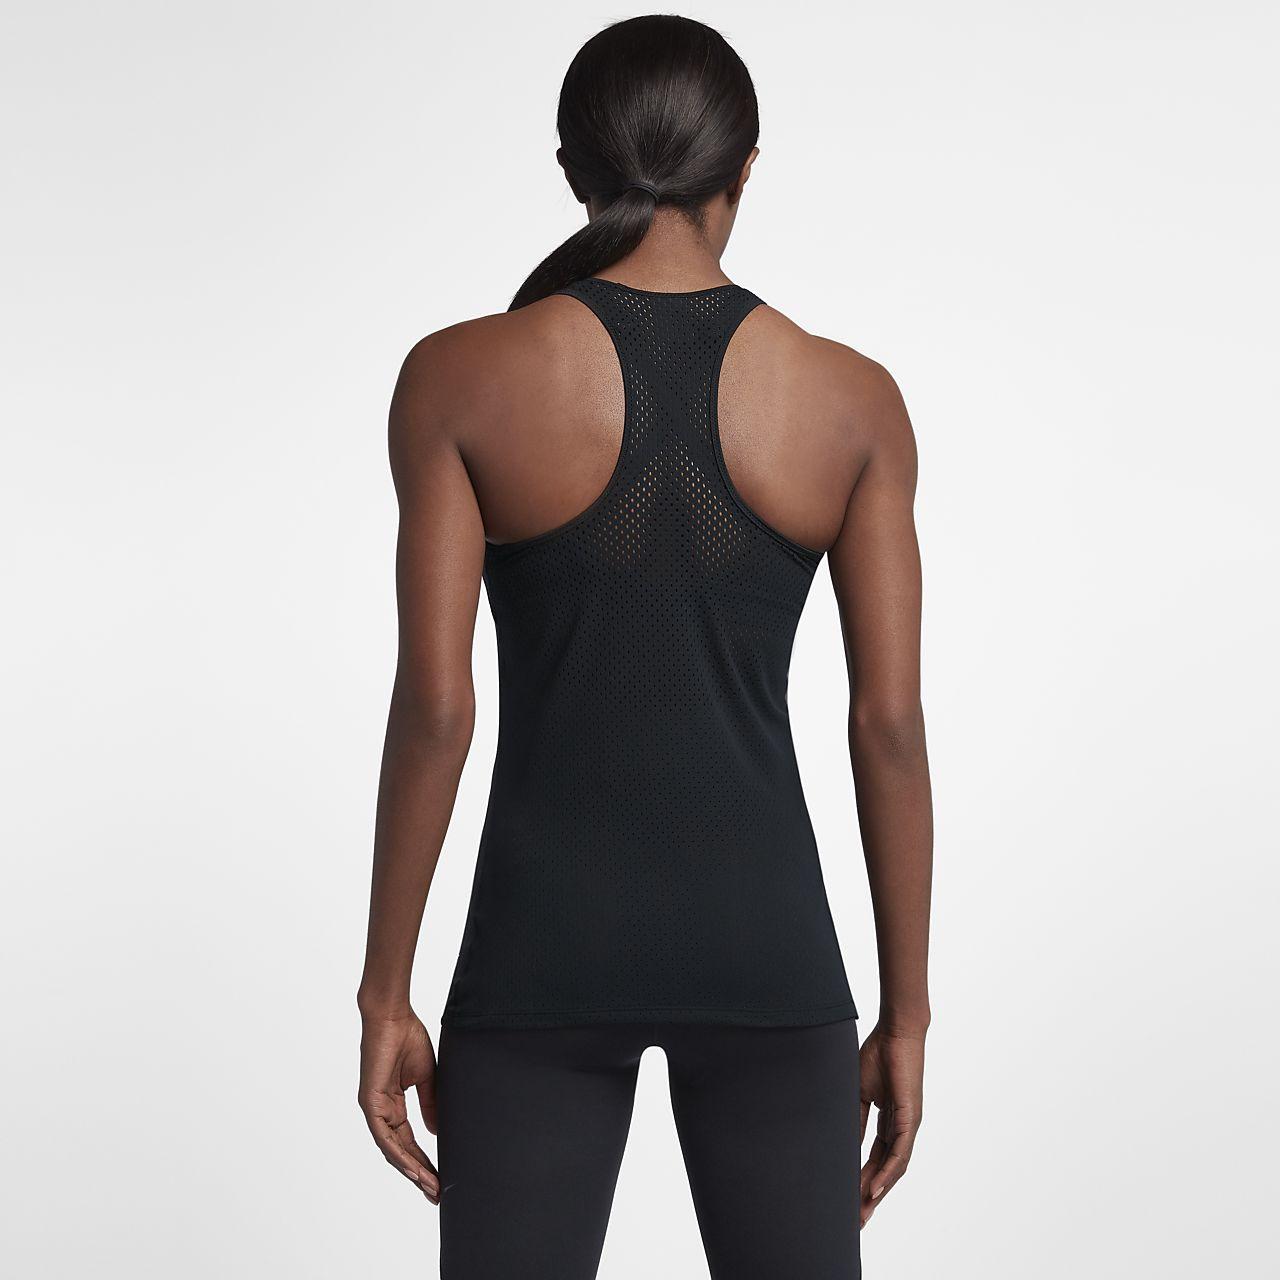 0742d5b83 Camiseta de tirantes de entrenamiento para mujer Nike Pro HyperCool ...